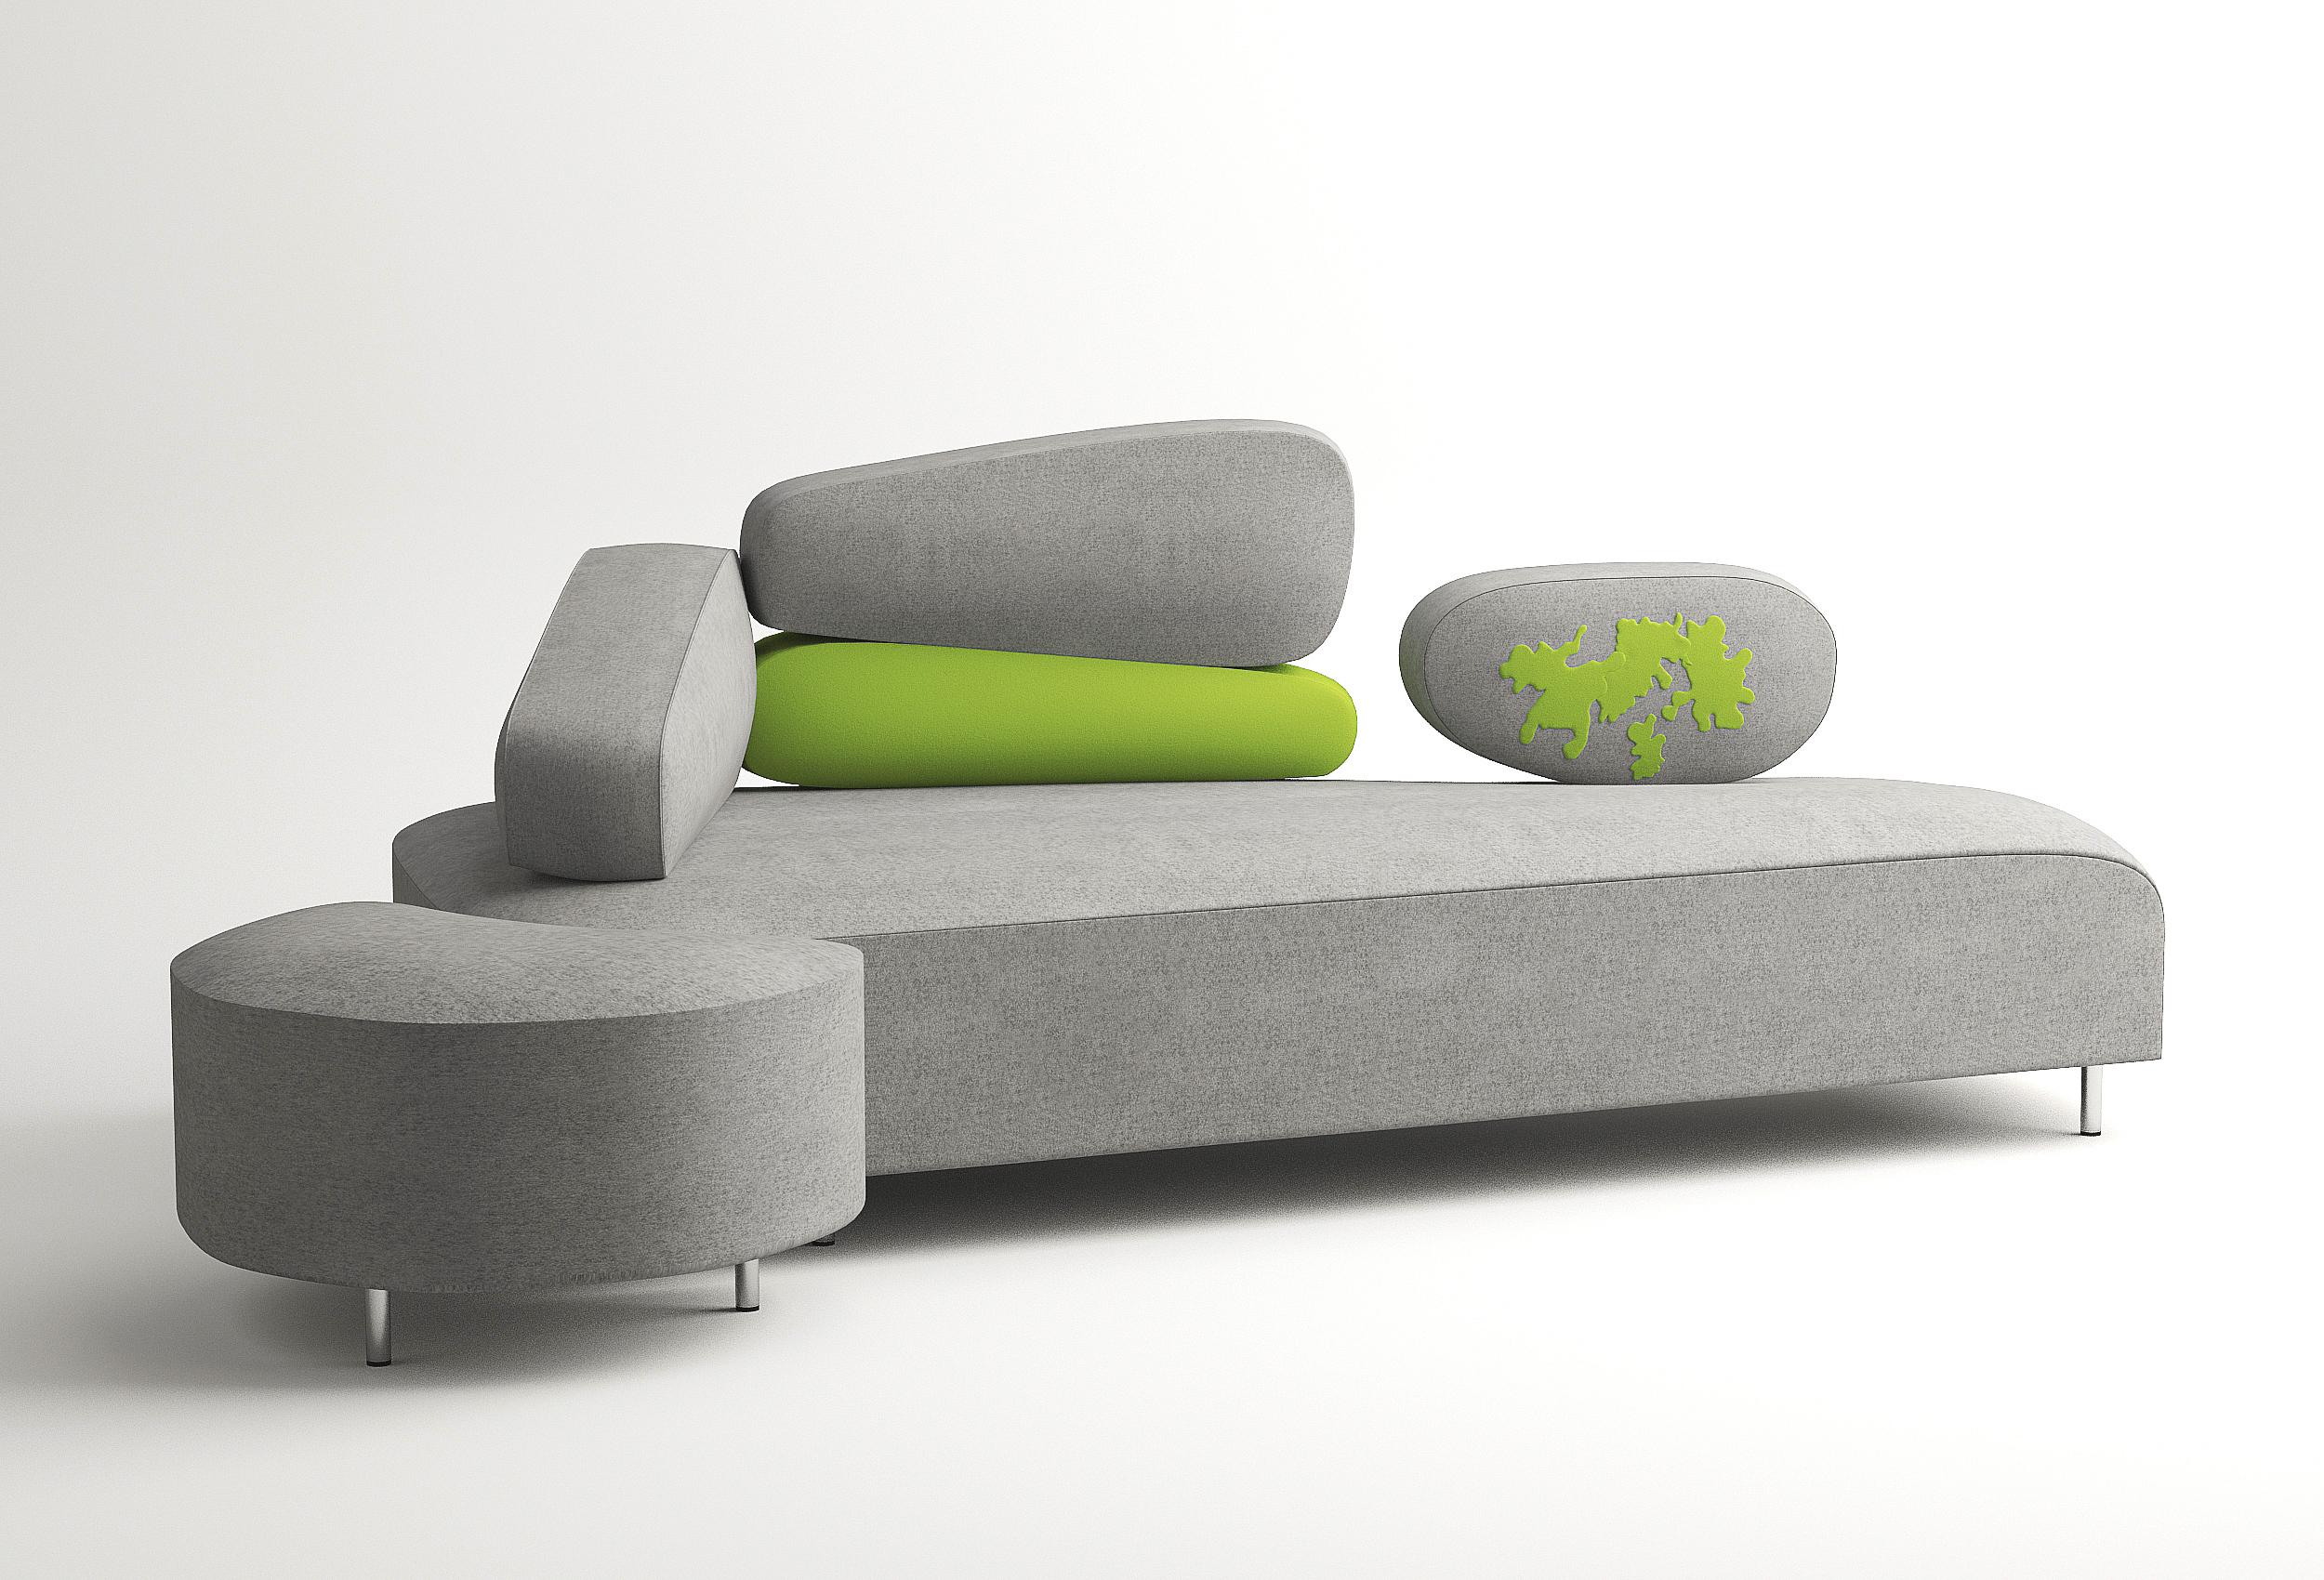 Full Size of Sofa Bruhl 3d Obj Mit Elektrischer Sitztiefenverstellung Xxl Grau Günstig Kaufen 3 Sitzer Hussen Cassina Weiches Hocker Liege Hülsta 2 Relaxfunktion Sofa Sofa Brühl